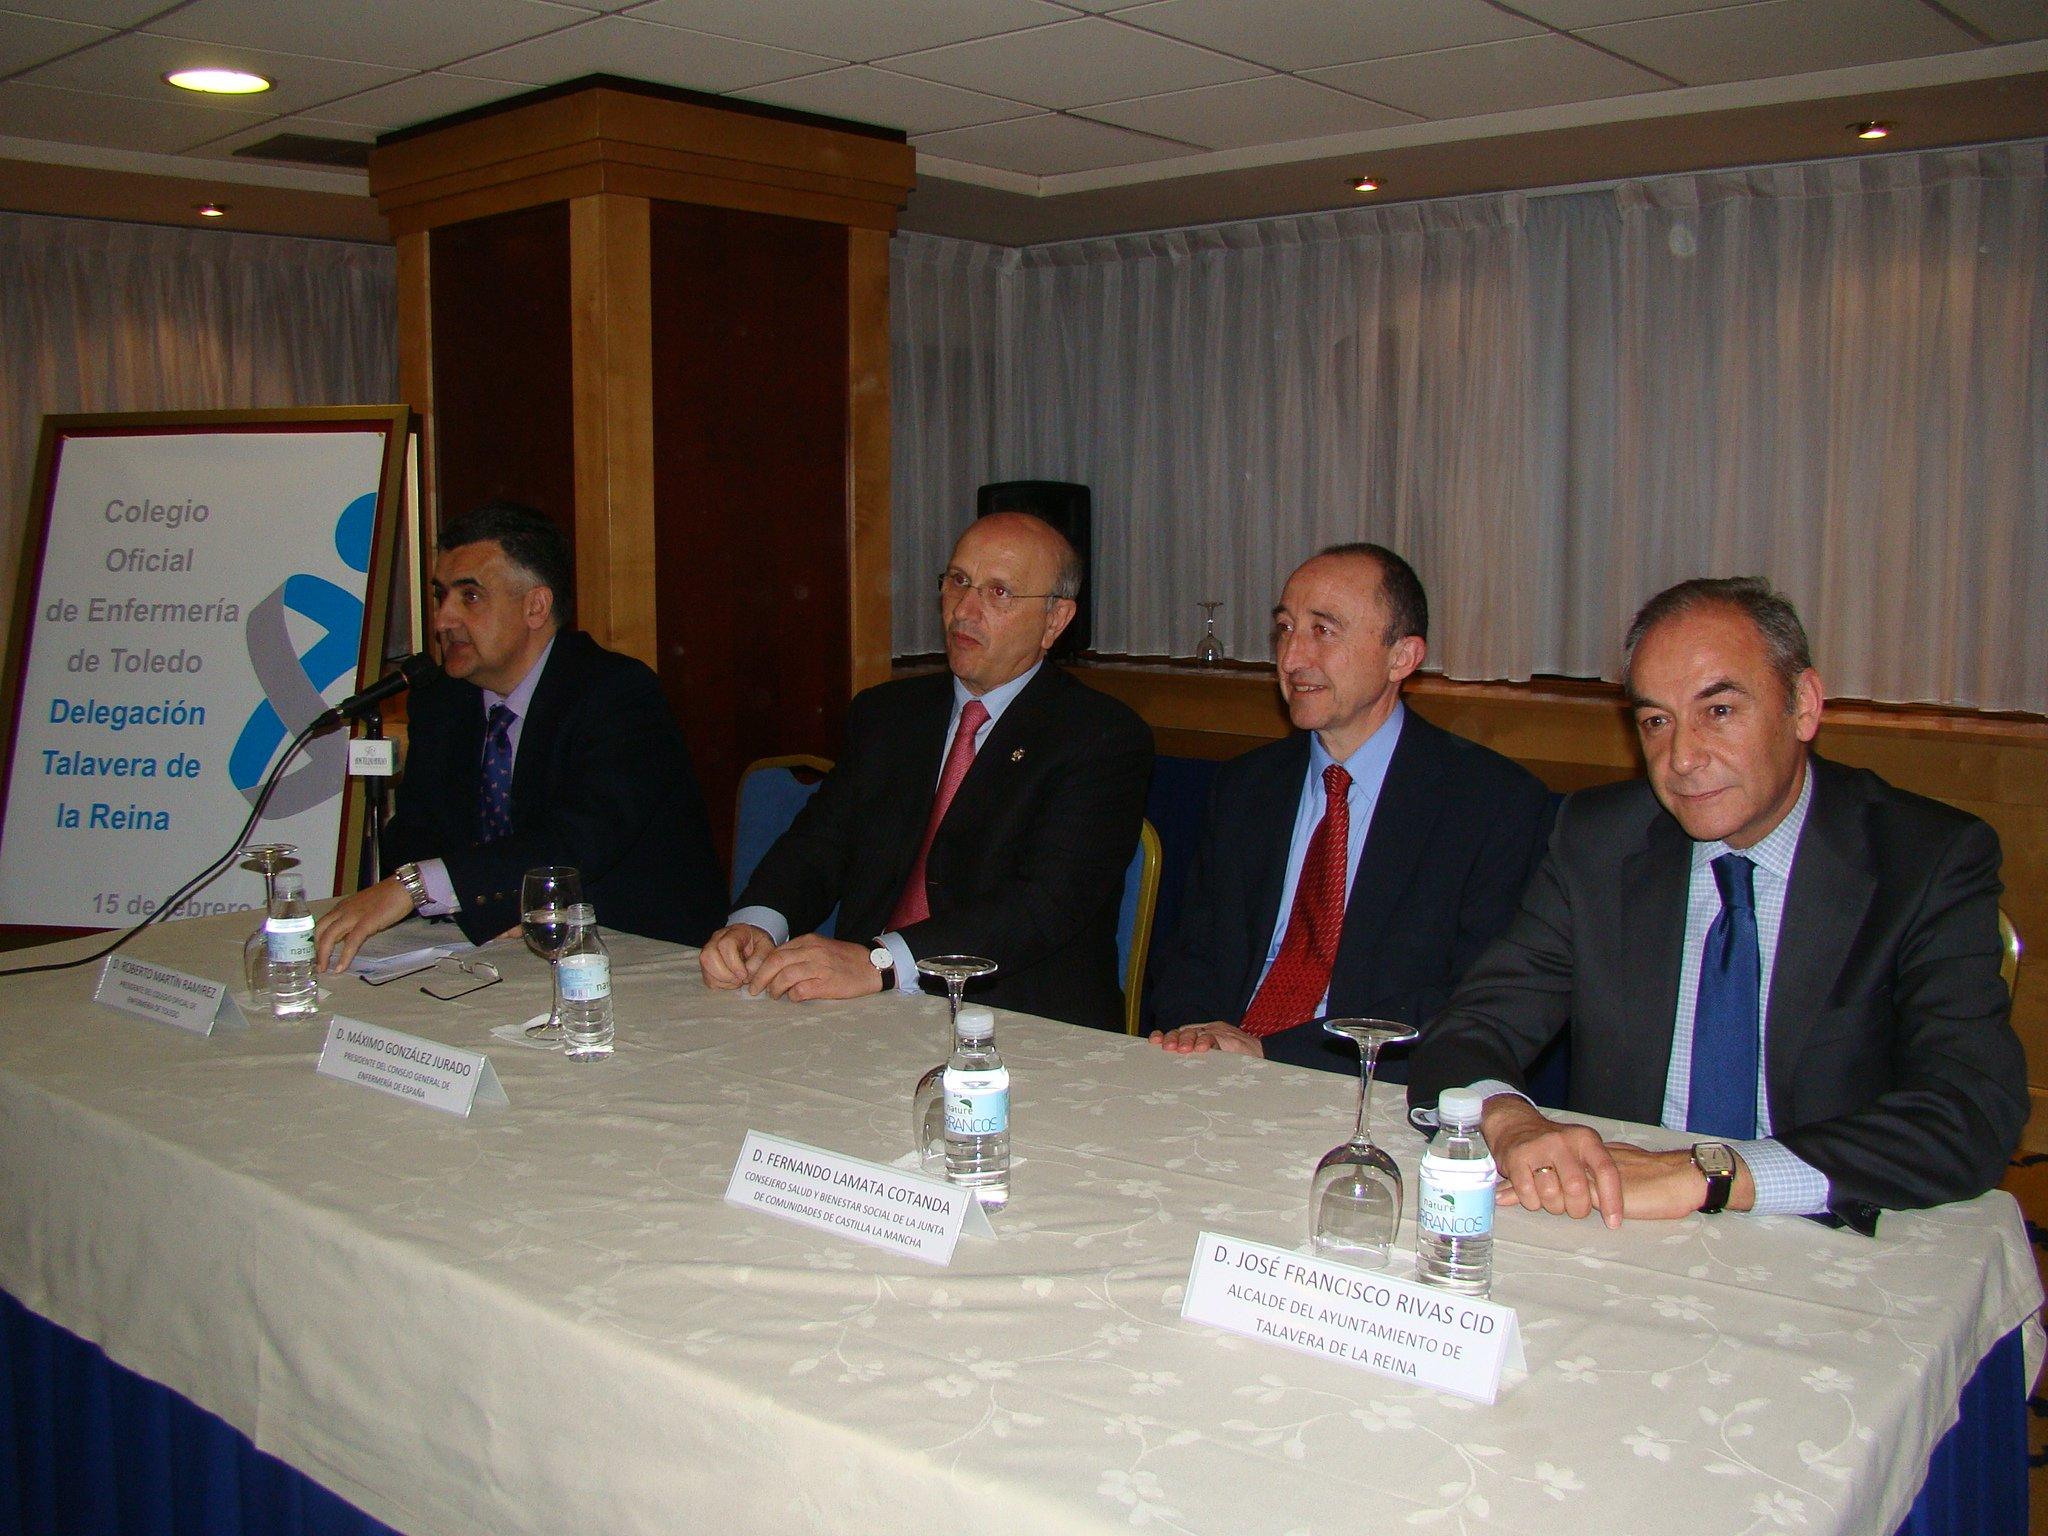 El Colegio de Enfermería abre sede en Talavera de la Reina